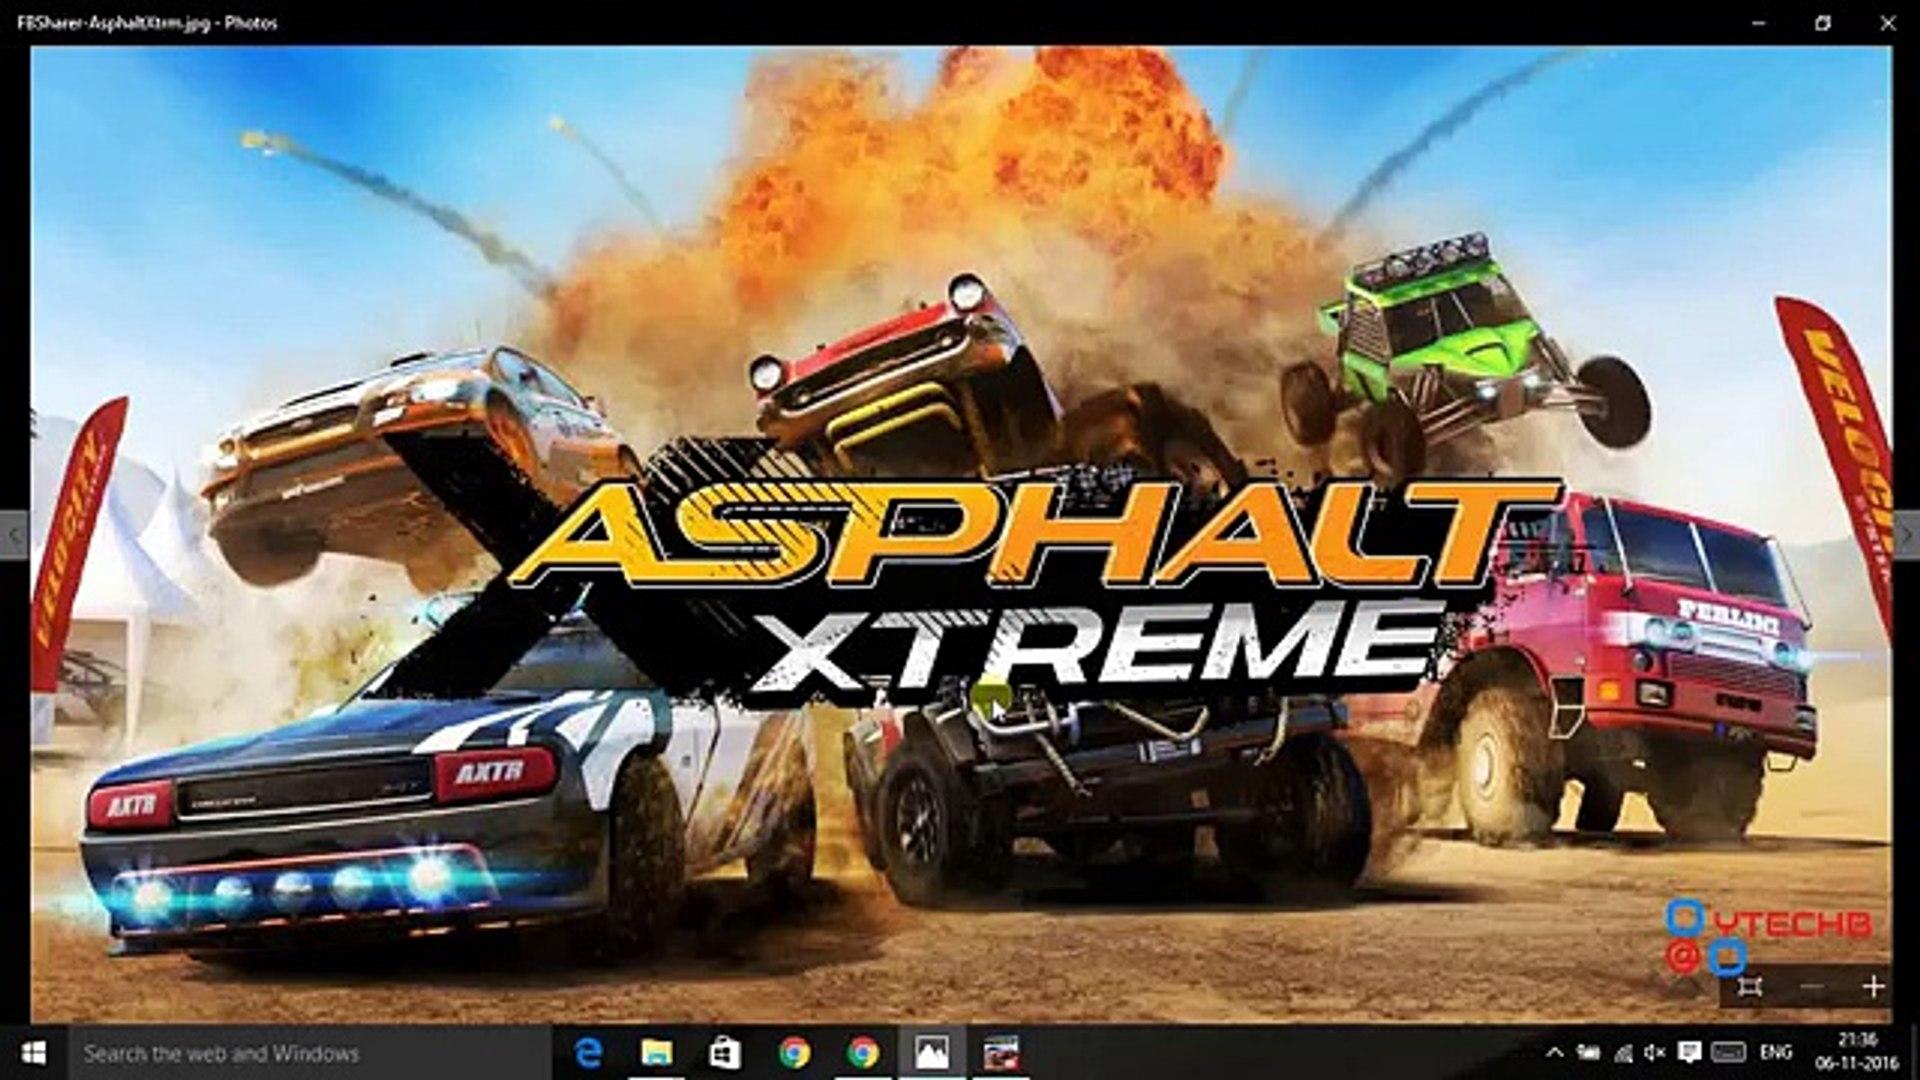 [LATEST] asphalt xtreme hack money - asphalt xtreme hack download [2017]